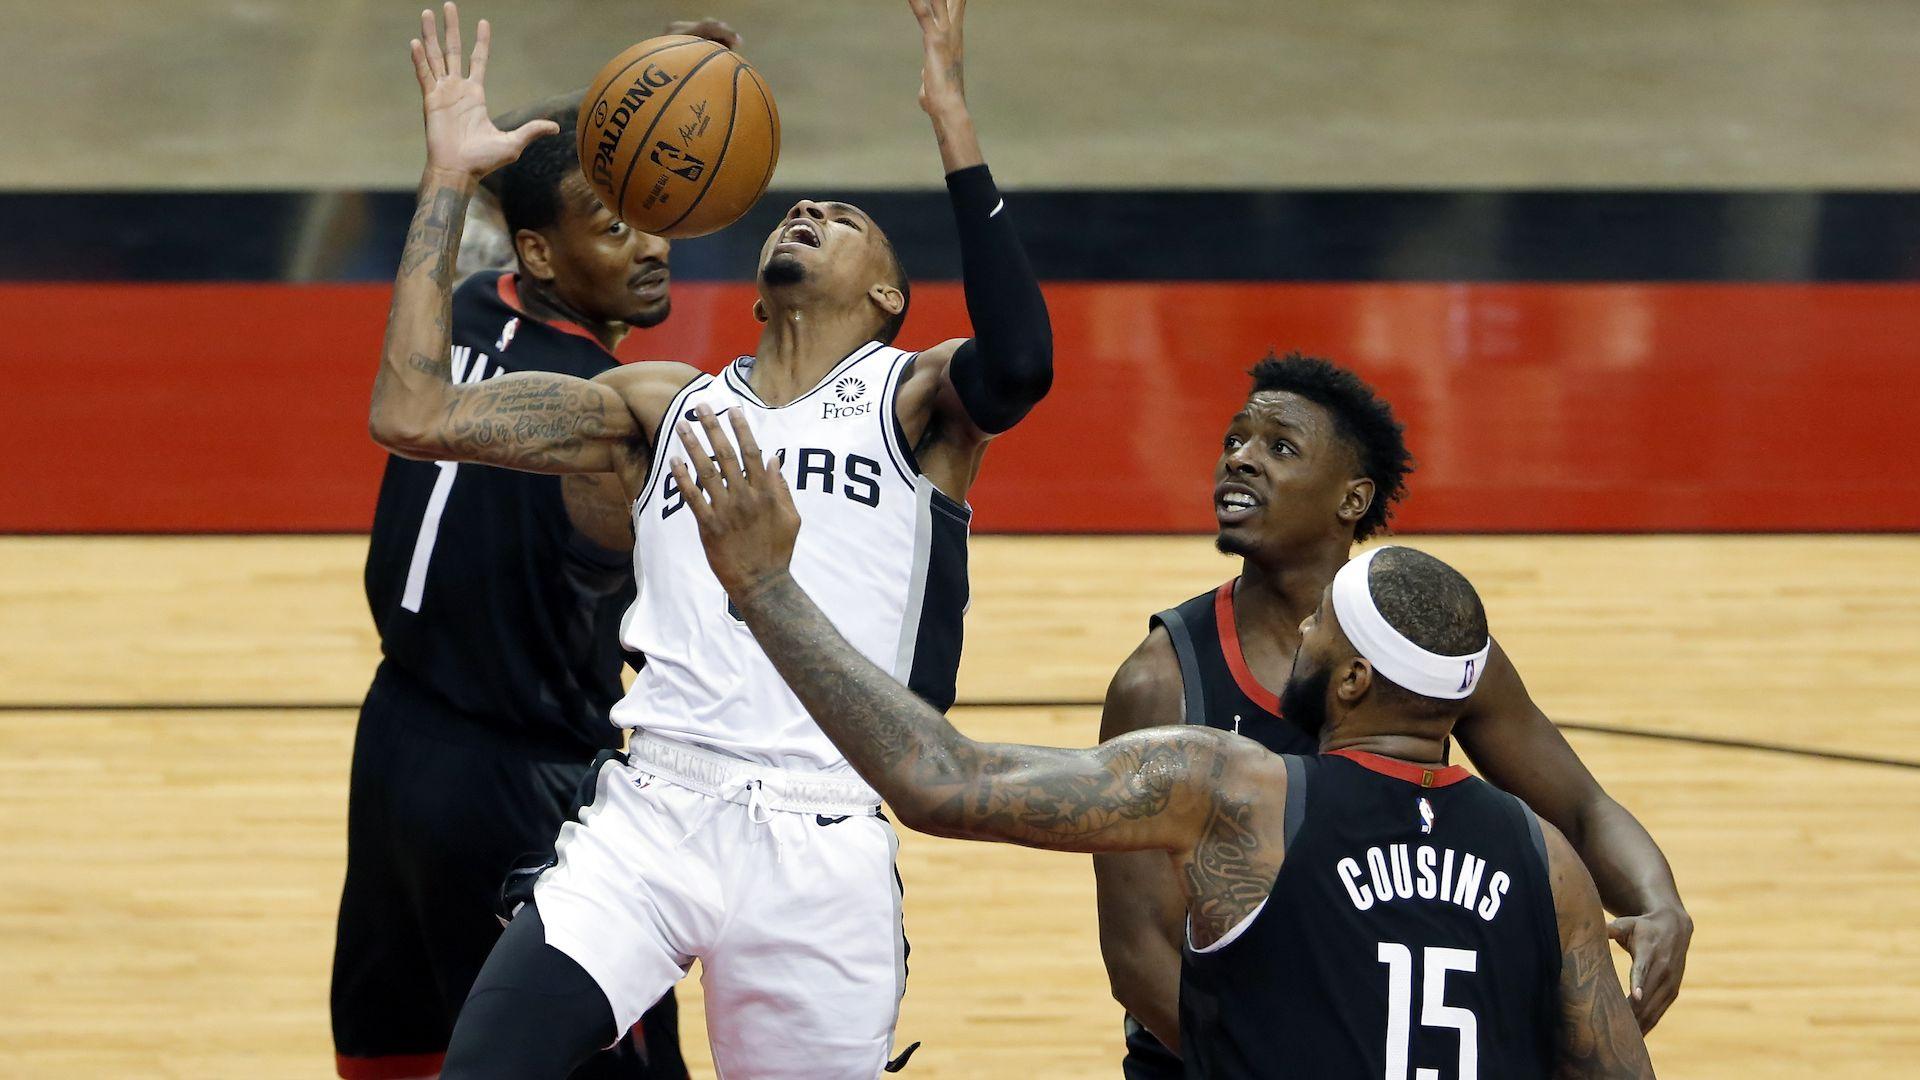 Фенове без маски се биха на трибуните на мач от НБА (видео)